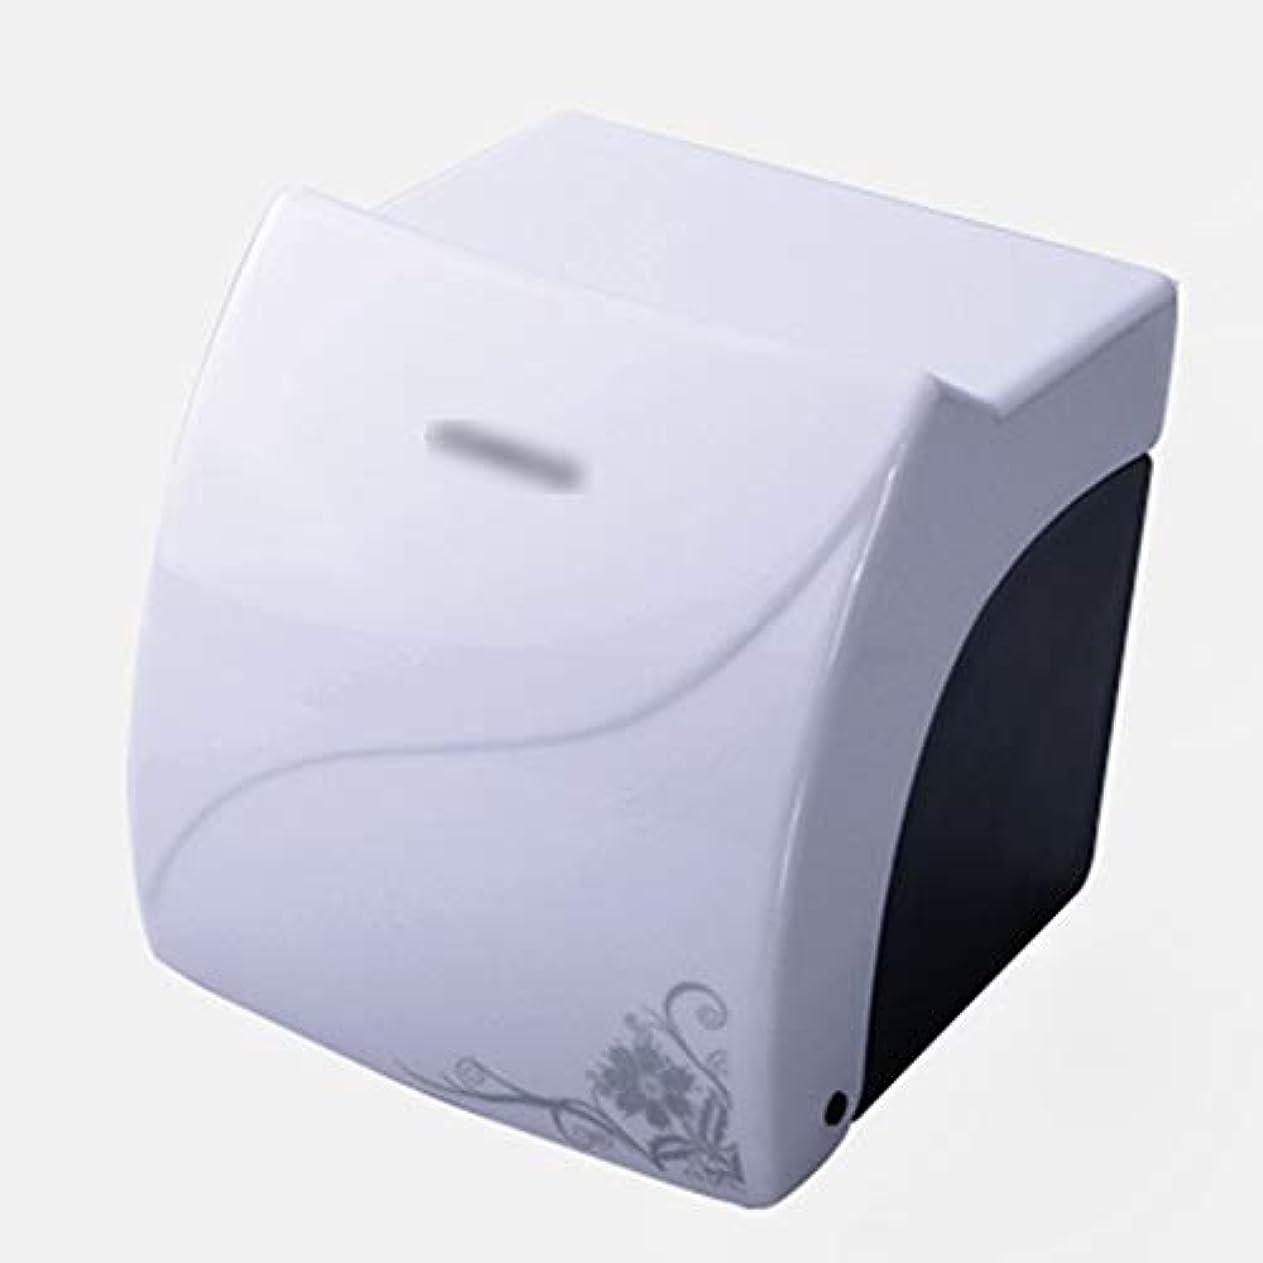 万歳機械的に断言するZZLX 紙タオルホルダー、高品質ABS防水ティッシュボックストイレットペーパーボックスペーパーホルダー ロングハンドル風呂ブラシ